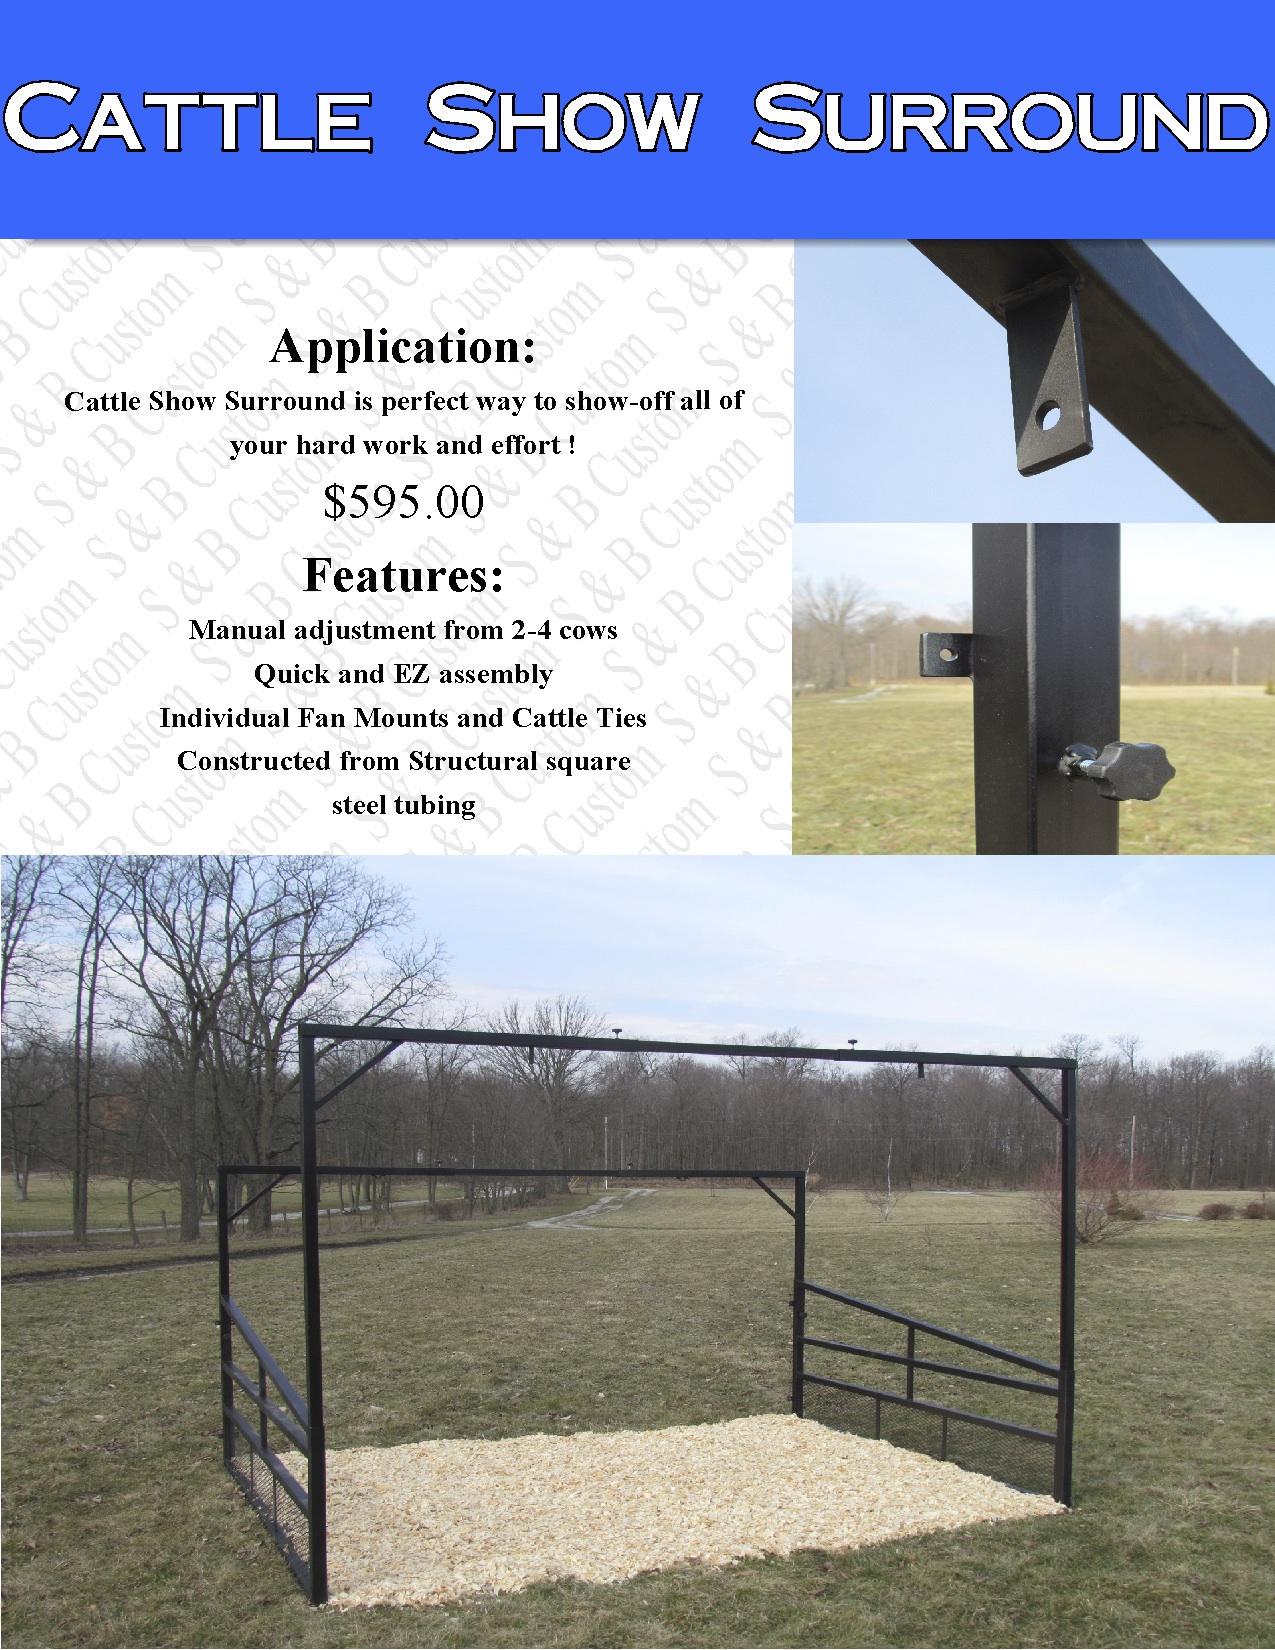 Cattle Show Surround pdf copy